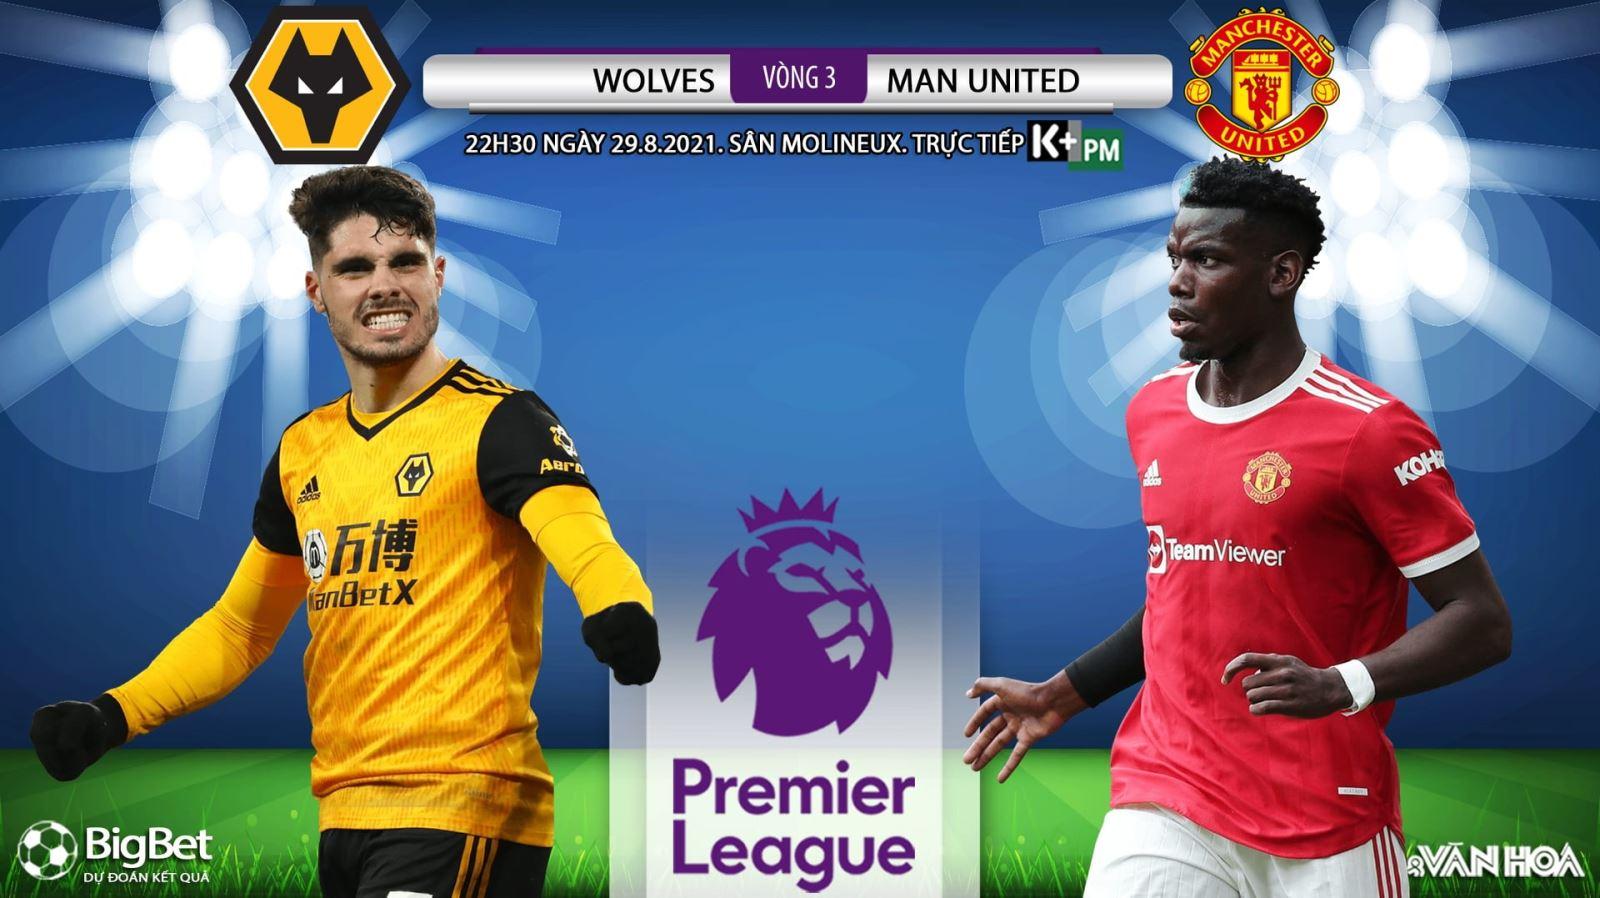 Soi kèo nhà cái Wolves vs MU và nhận định bóng đá Ngoại hạng Anh (22h30 ngày 29/8)